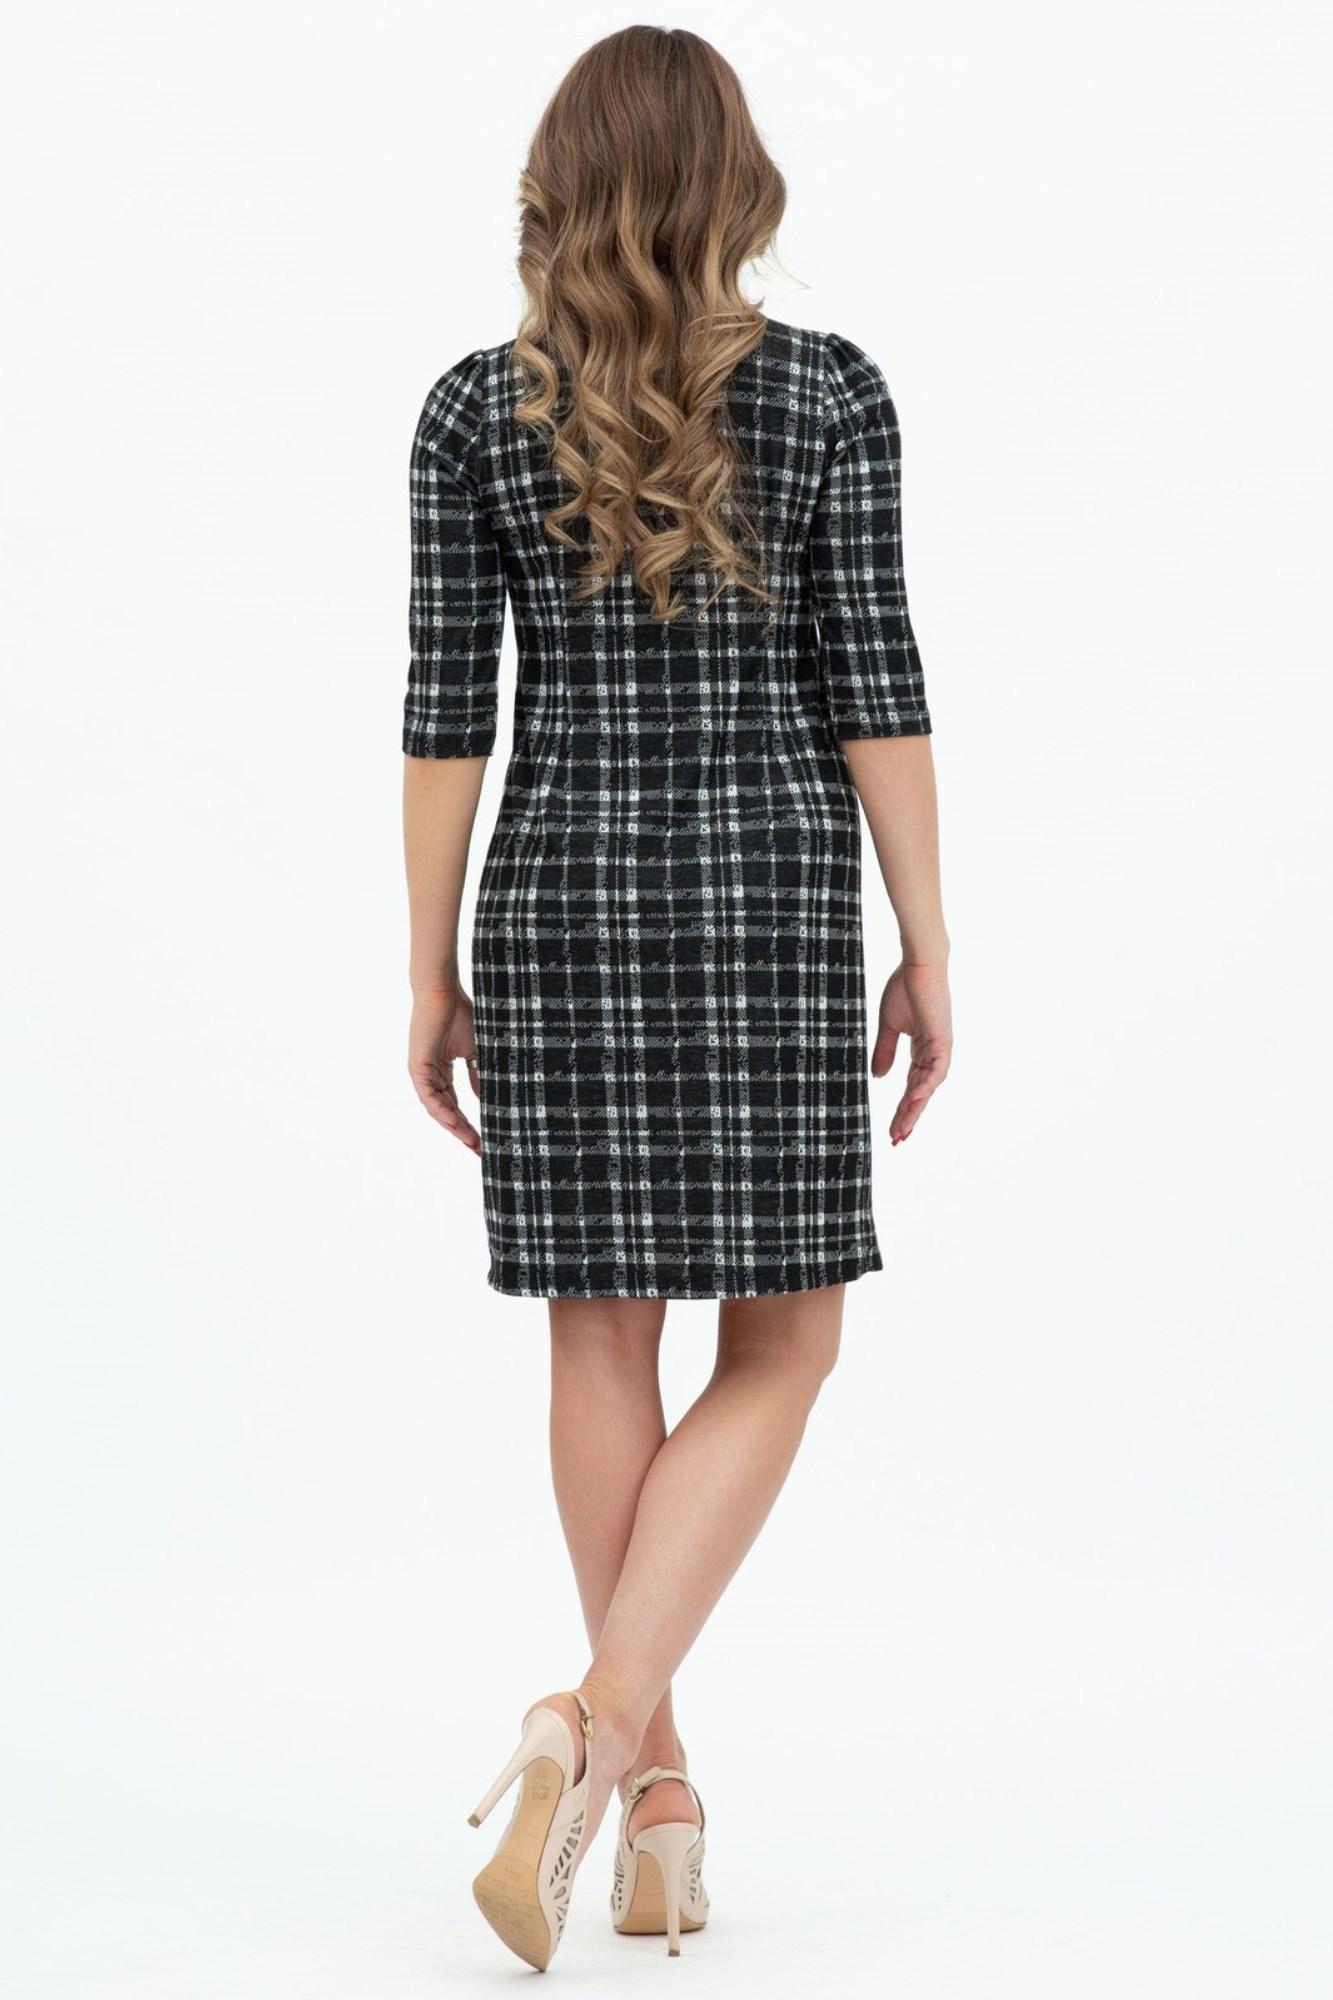 Платье для беременных 07901 черный в клетку